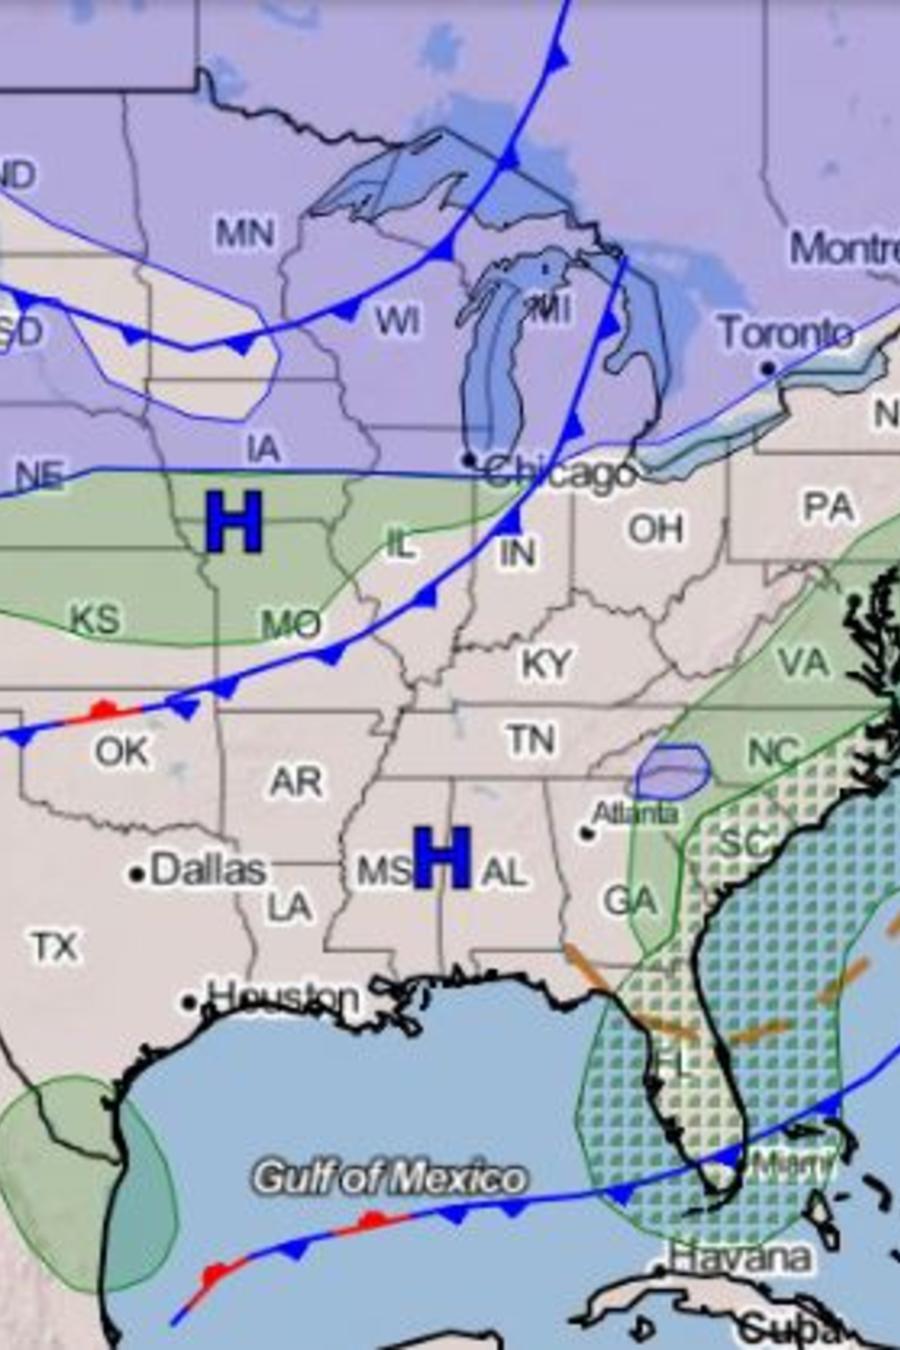 Entre el martes y el miércoles se prevé que la tormenta se reforzará y se convertirá en un ciclón bomba.